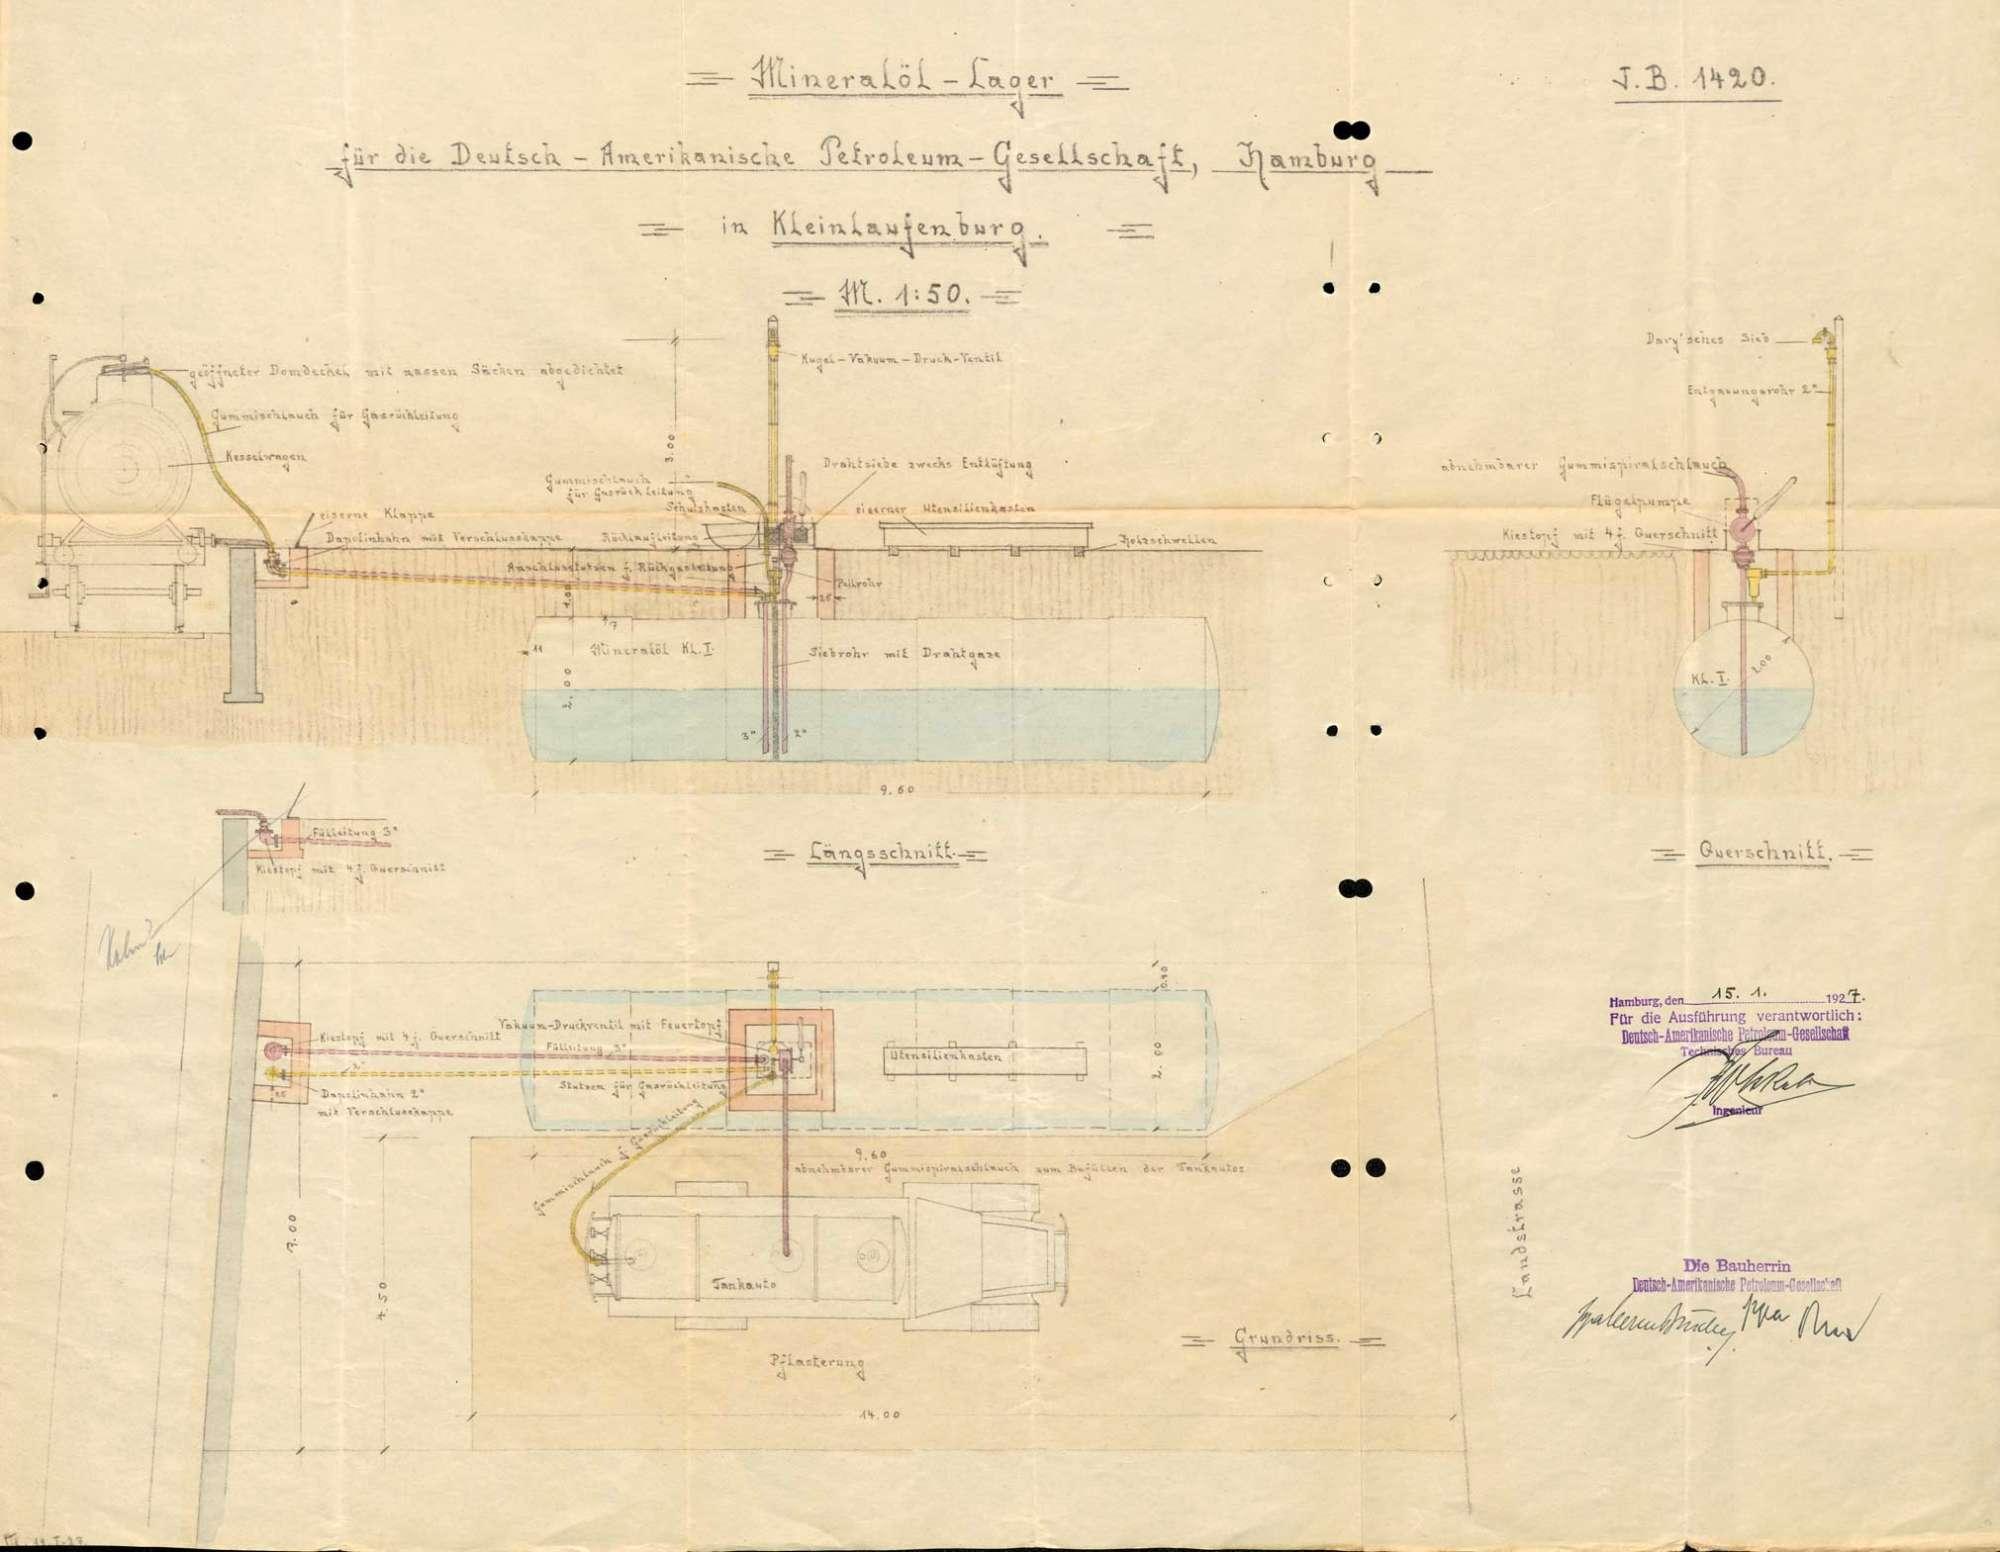 Errichtung und Betrieb des Tanklagers der Firma Mowak Maier & Cie in Kleinlaufenburg bzw. Laufenburg (Baden), Bild 1